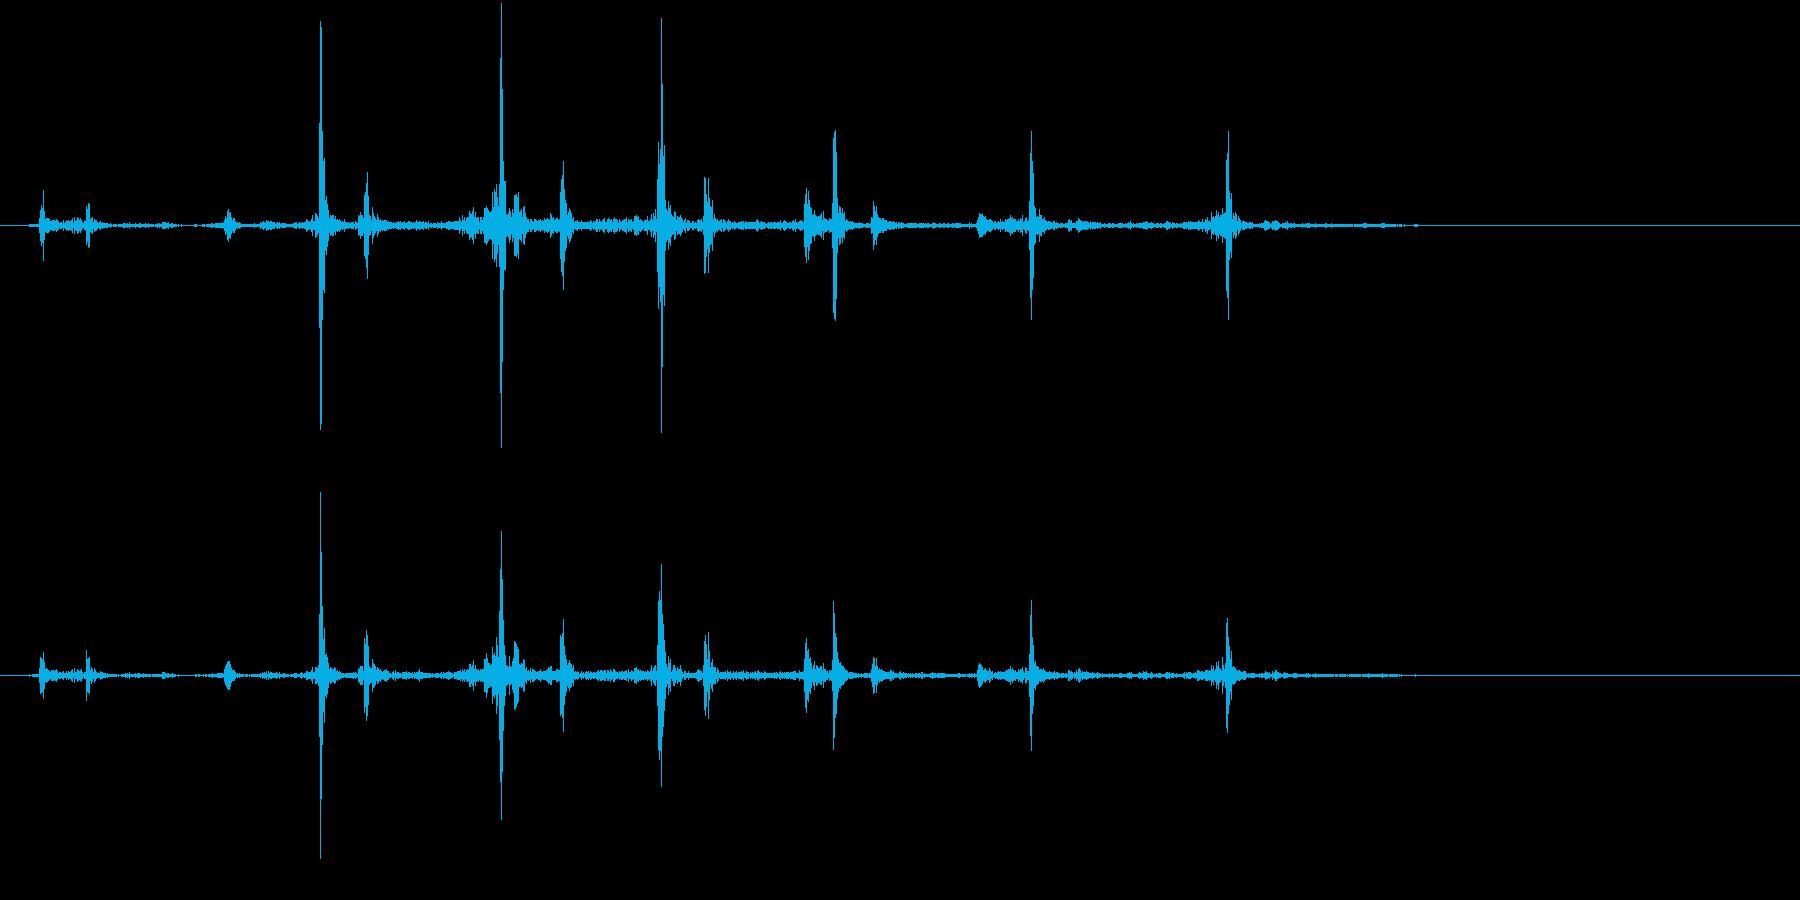 【生録音】カッターナイフの音 10の再生済みの波形